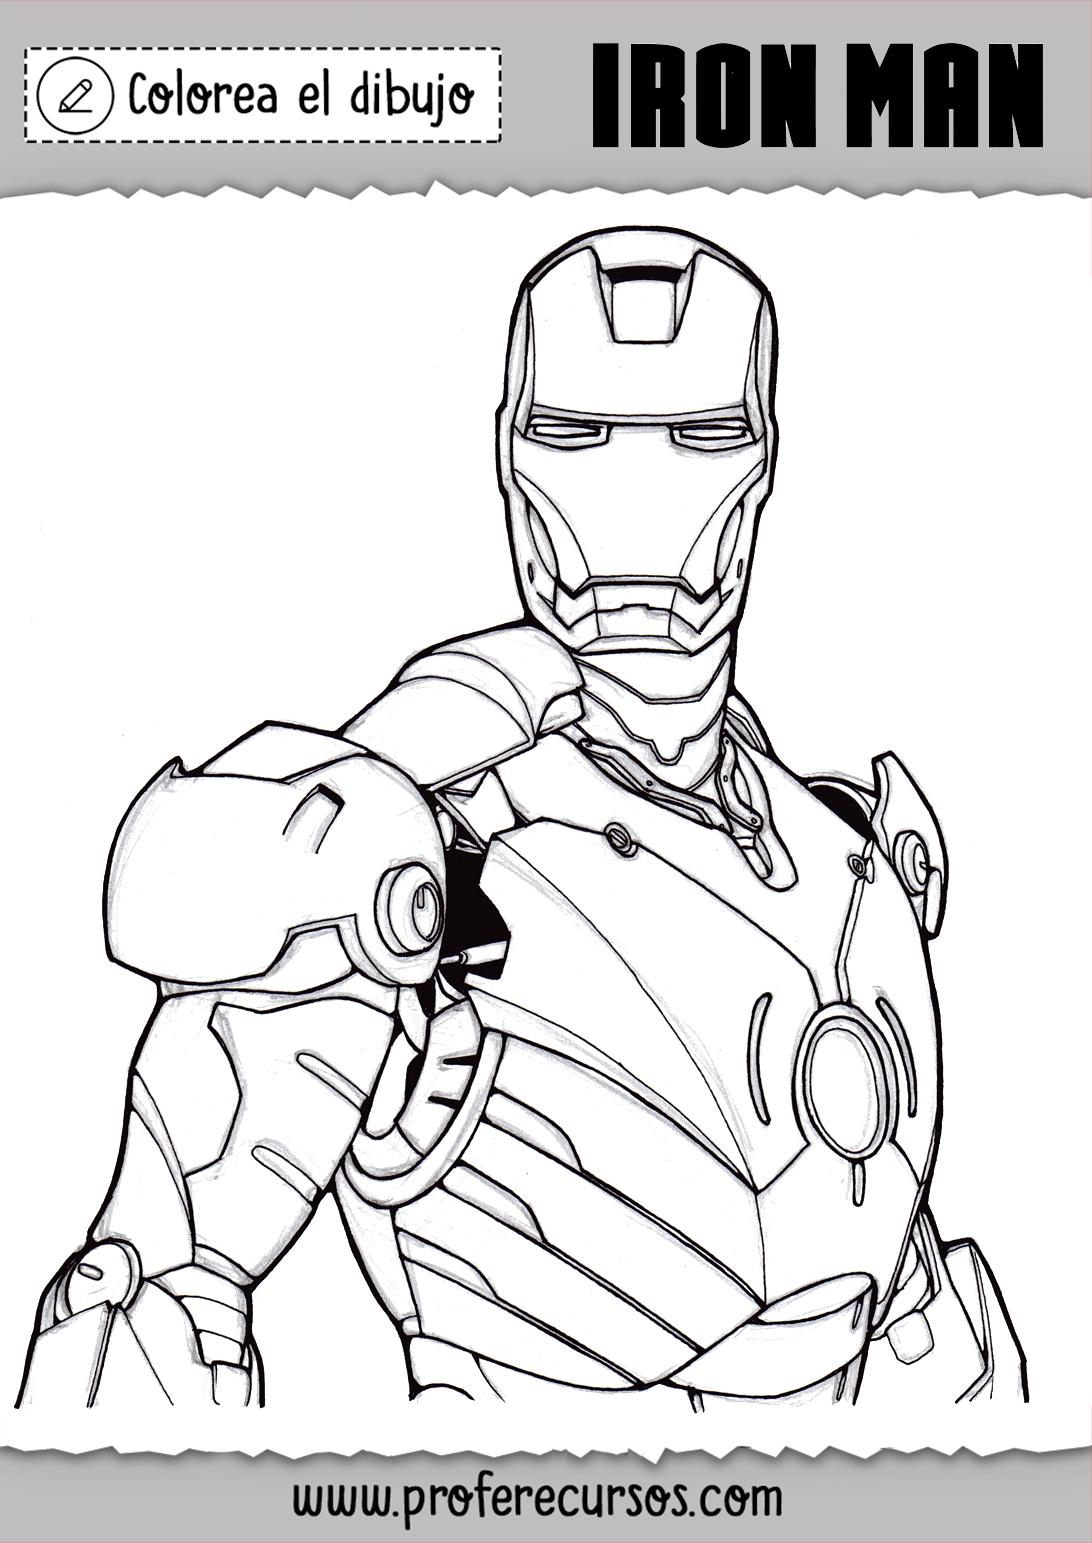 Dibujo de Iron Man Colorear Gratis